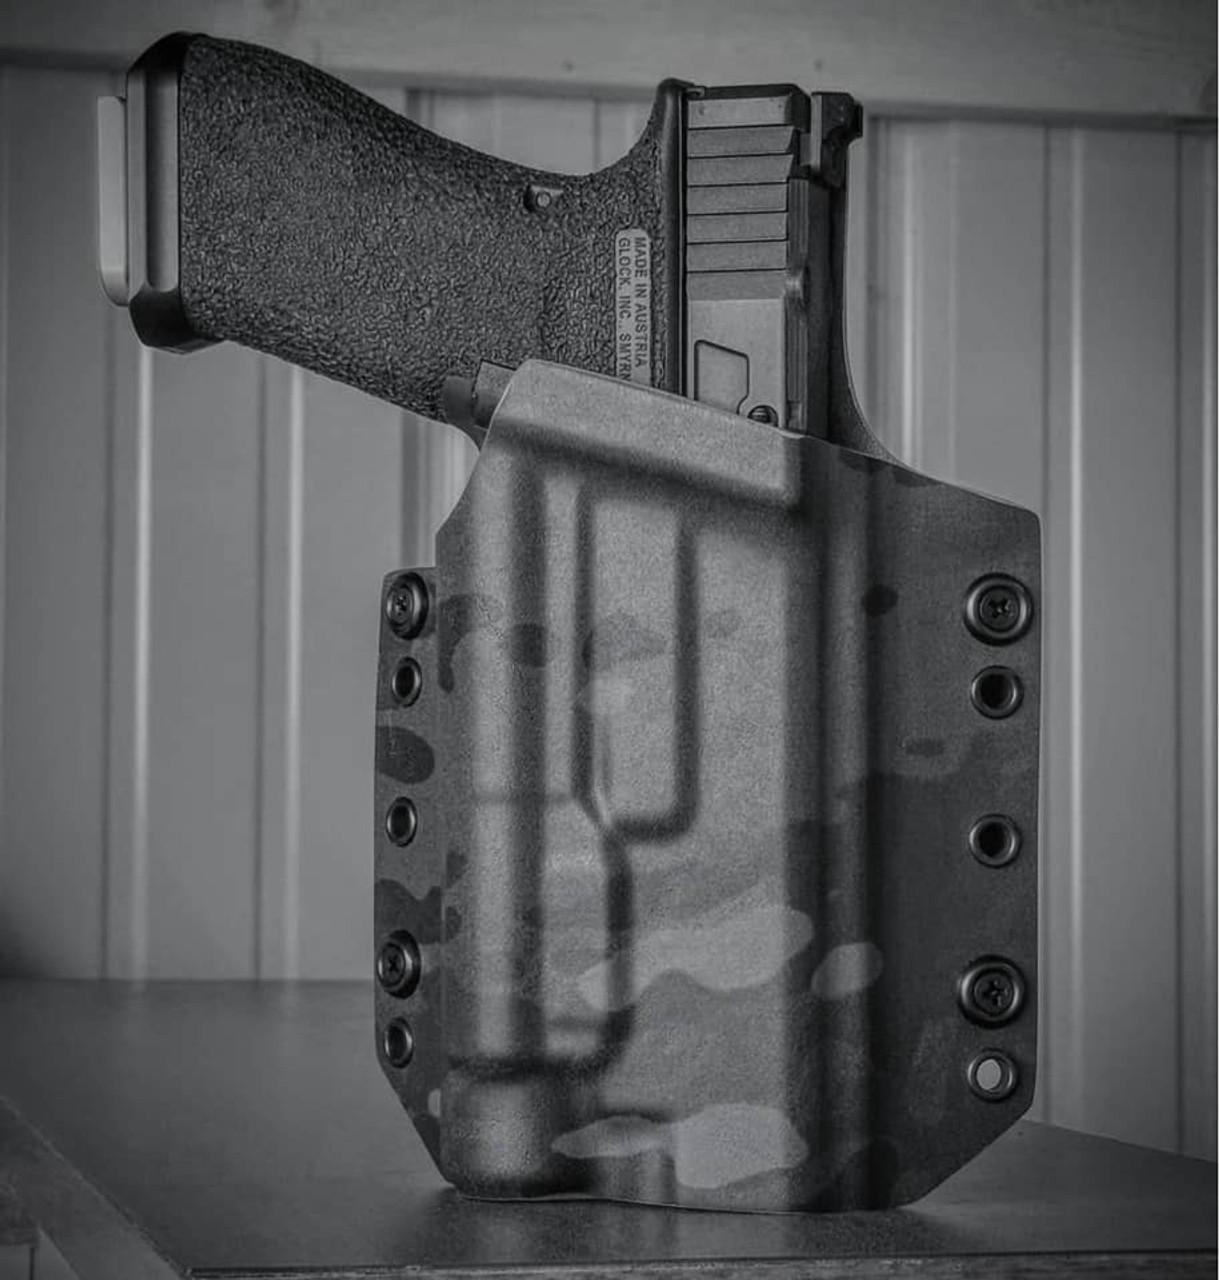 Glock 17 TLR1 Black Multicam OWB Holster